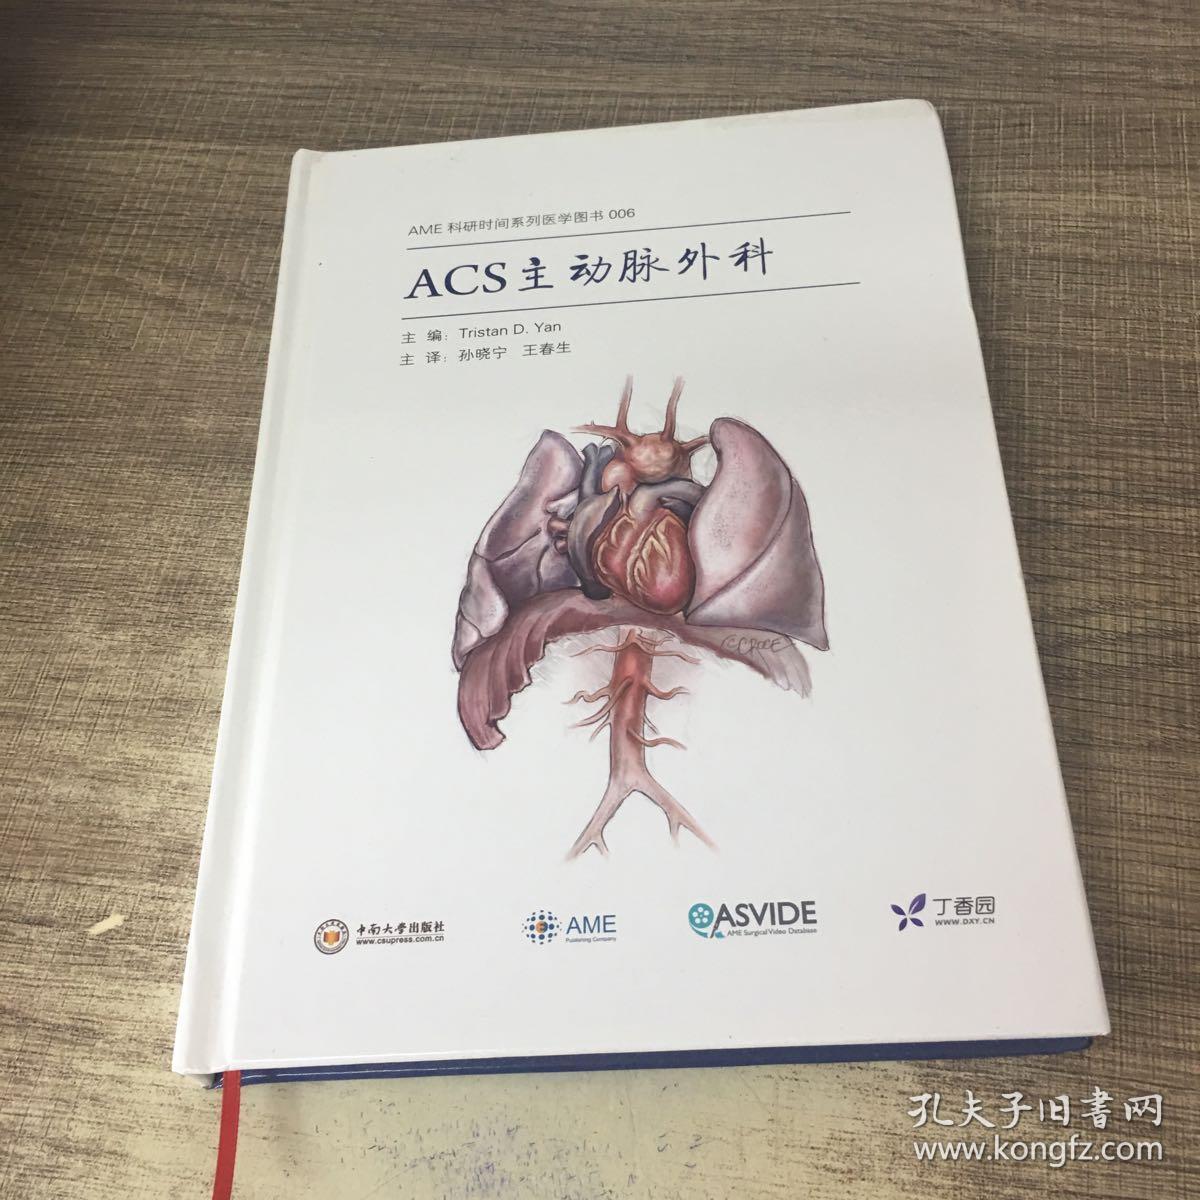 AME科研时间系列医学图书006 ACS主动脉外